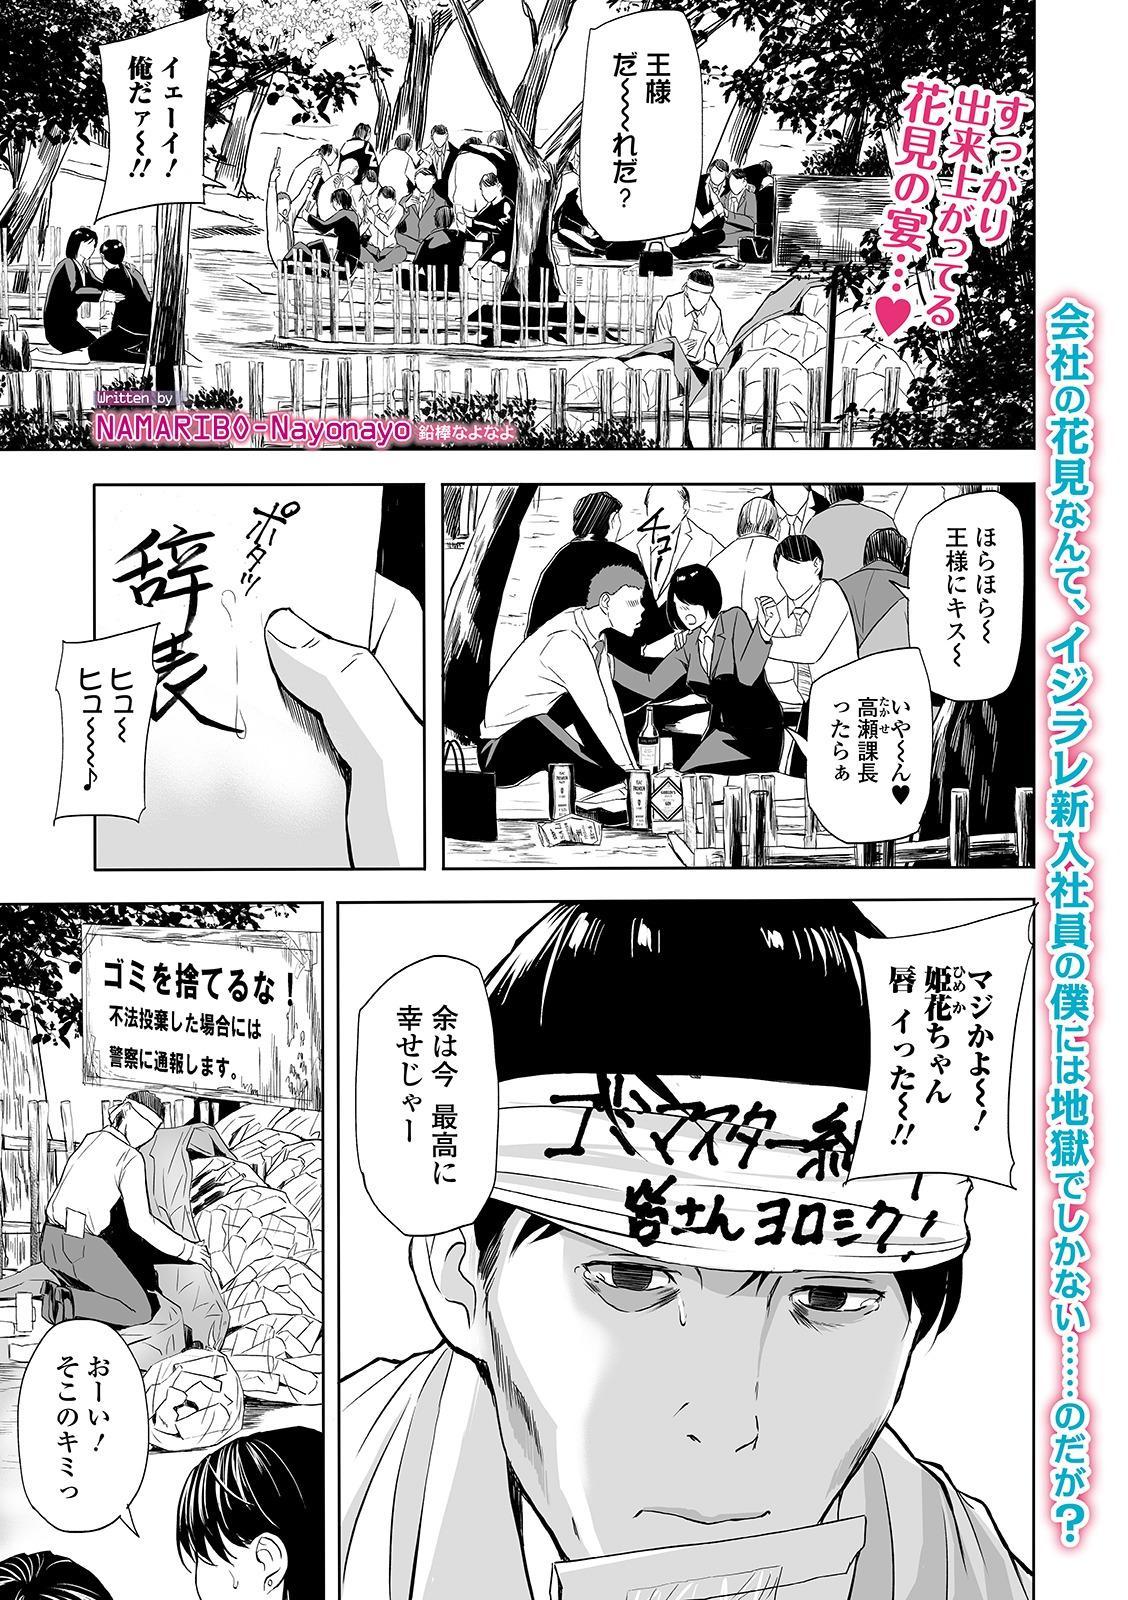 Web Comic Toutetsu Vol. 49 74